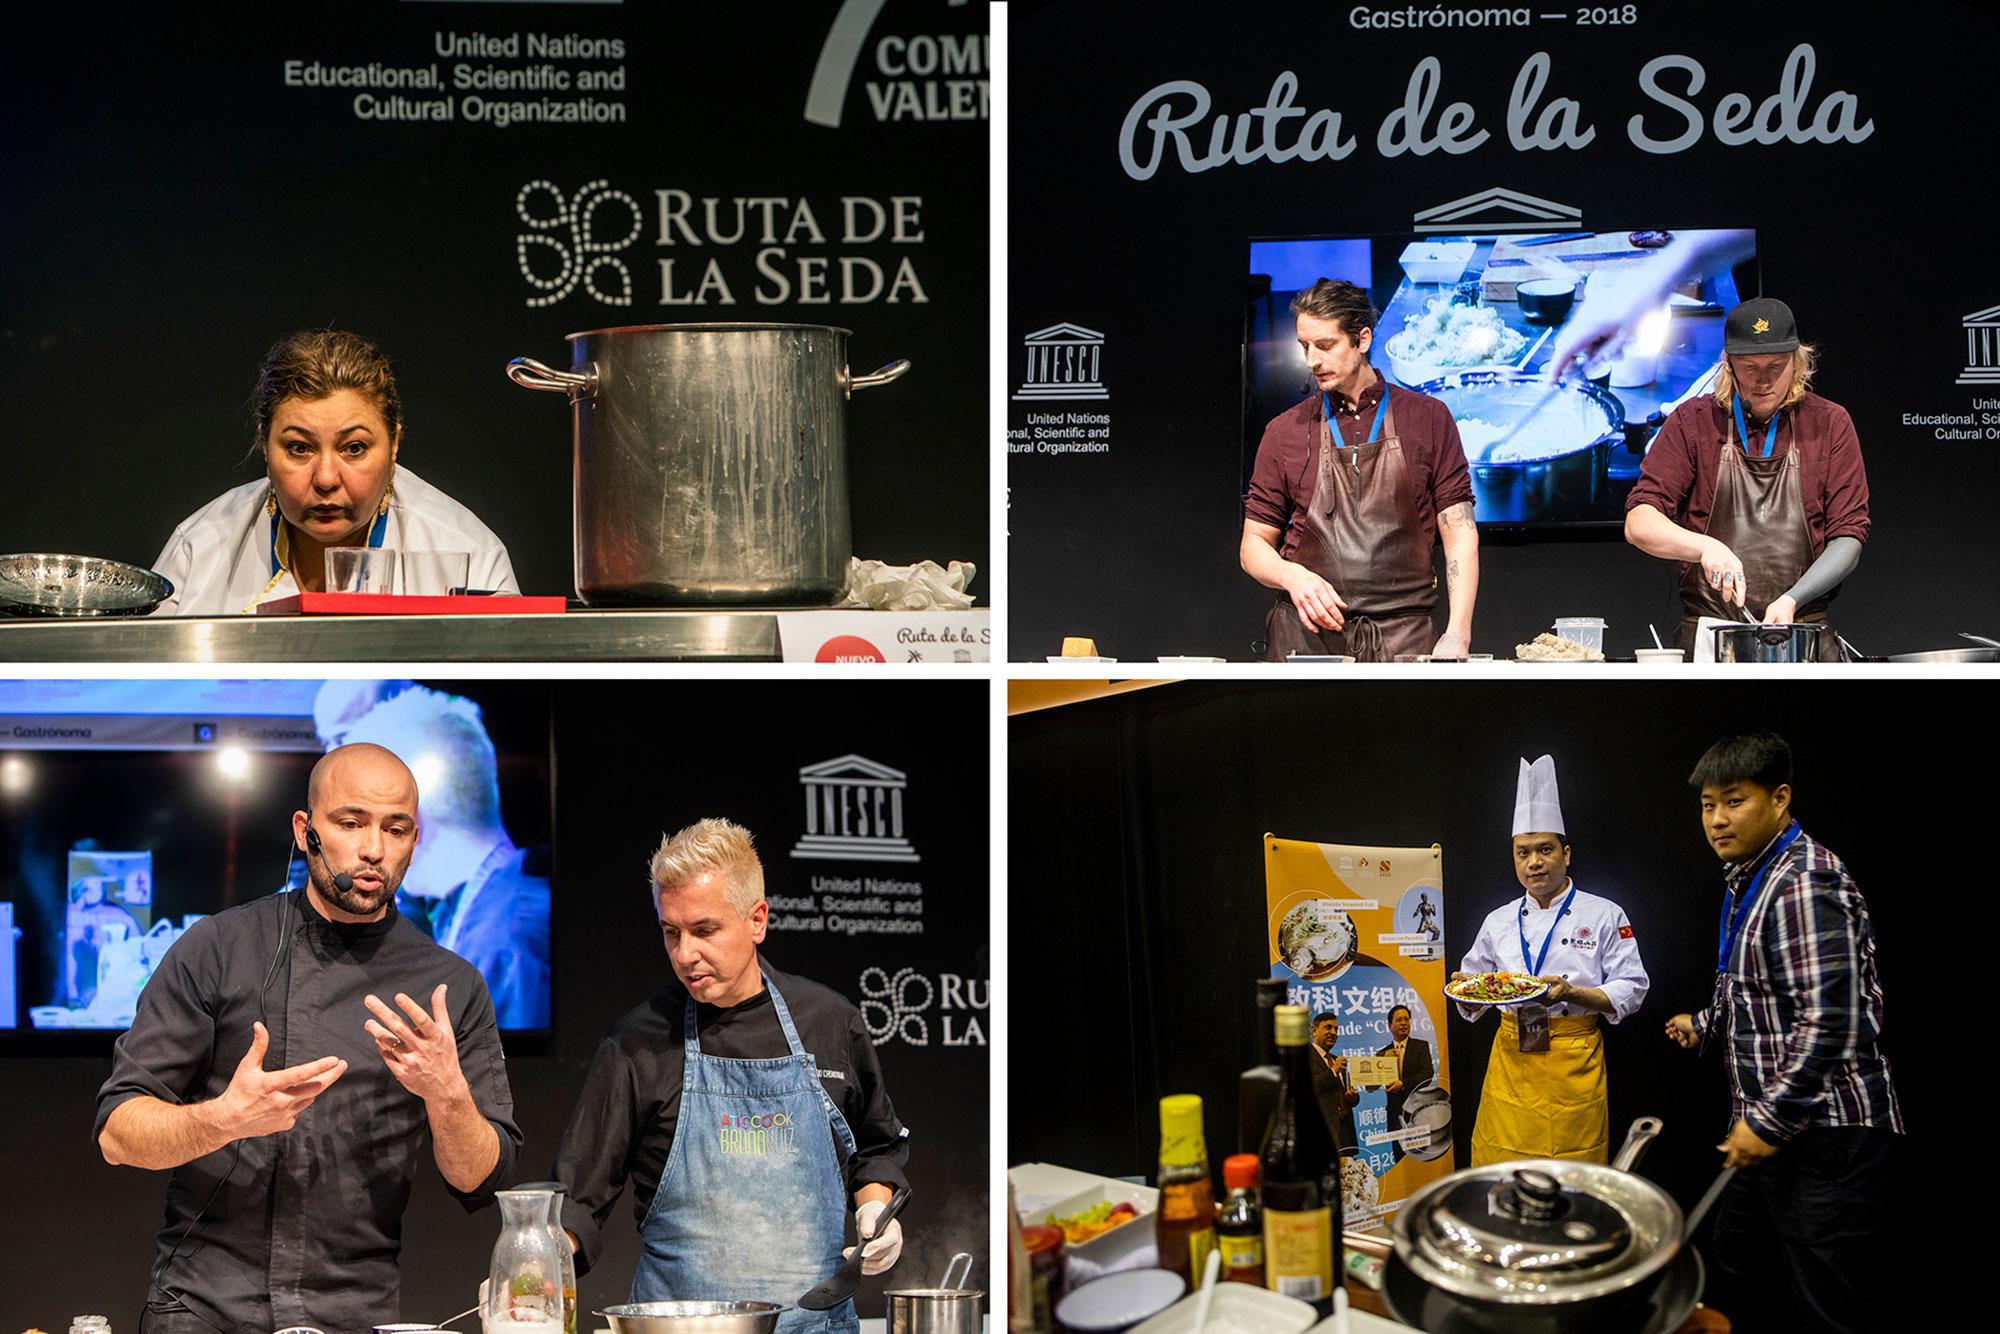 Gulsem Sokmen, del restaurante 'Hatay' (Turquía); Kristoffer Andersson, de 'Ostersund' (Suecia); Bruno Ruíz y Federico Guajardo de 'Aticcook', Denia; y Wong Yuk Shan, de Macao.